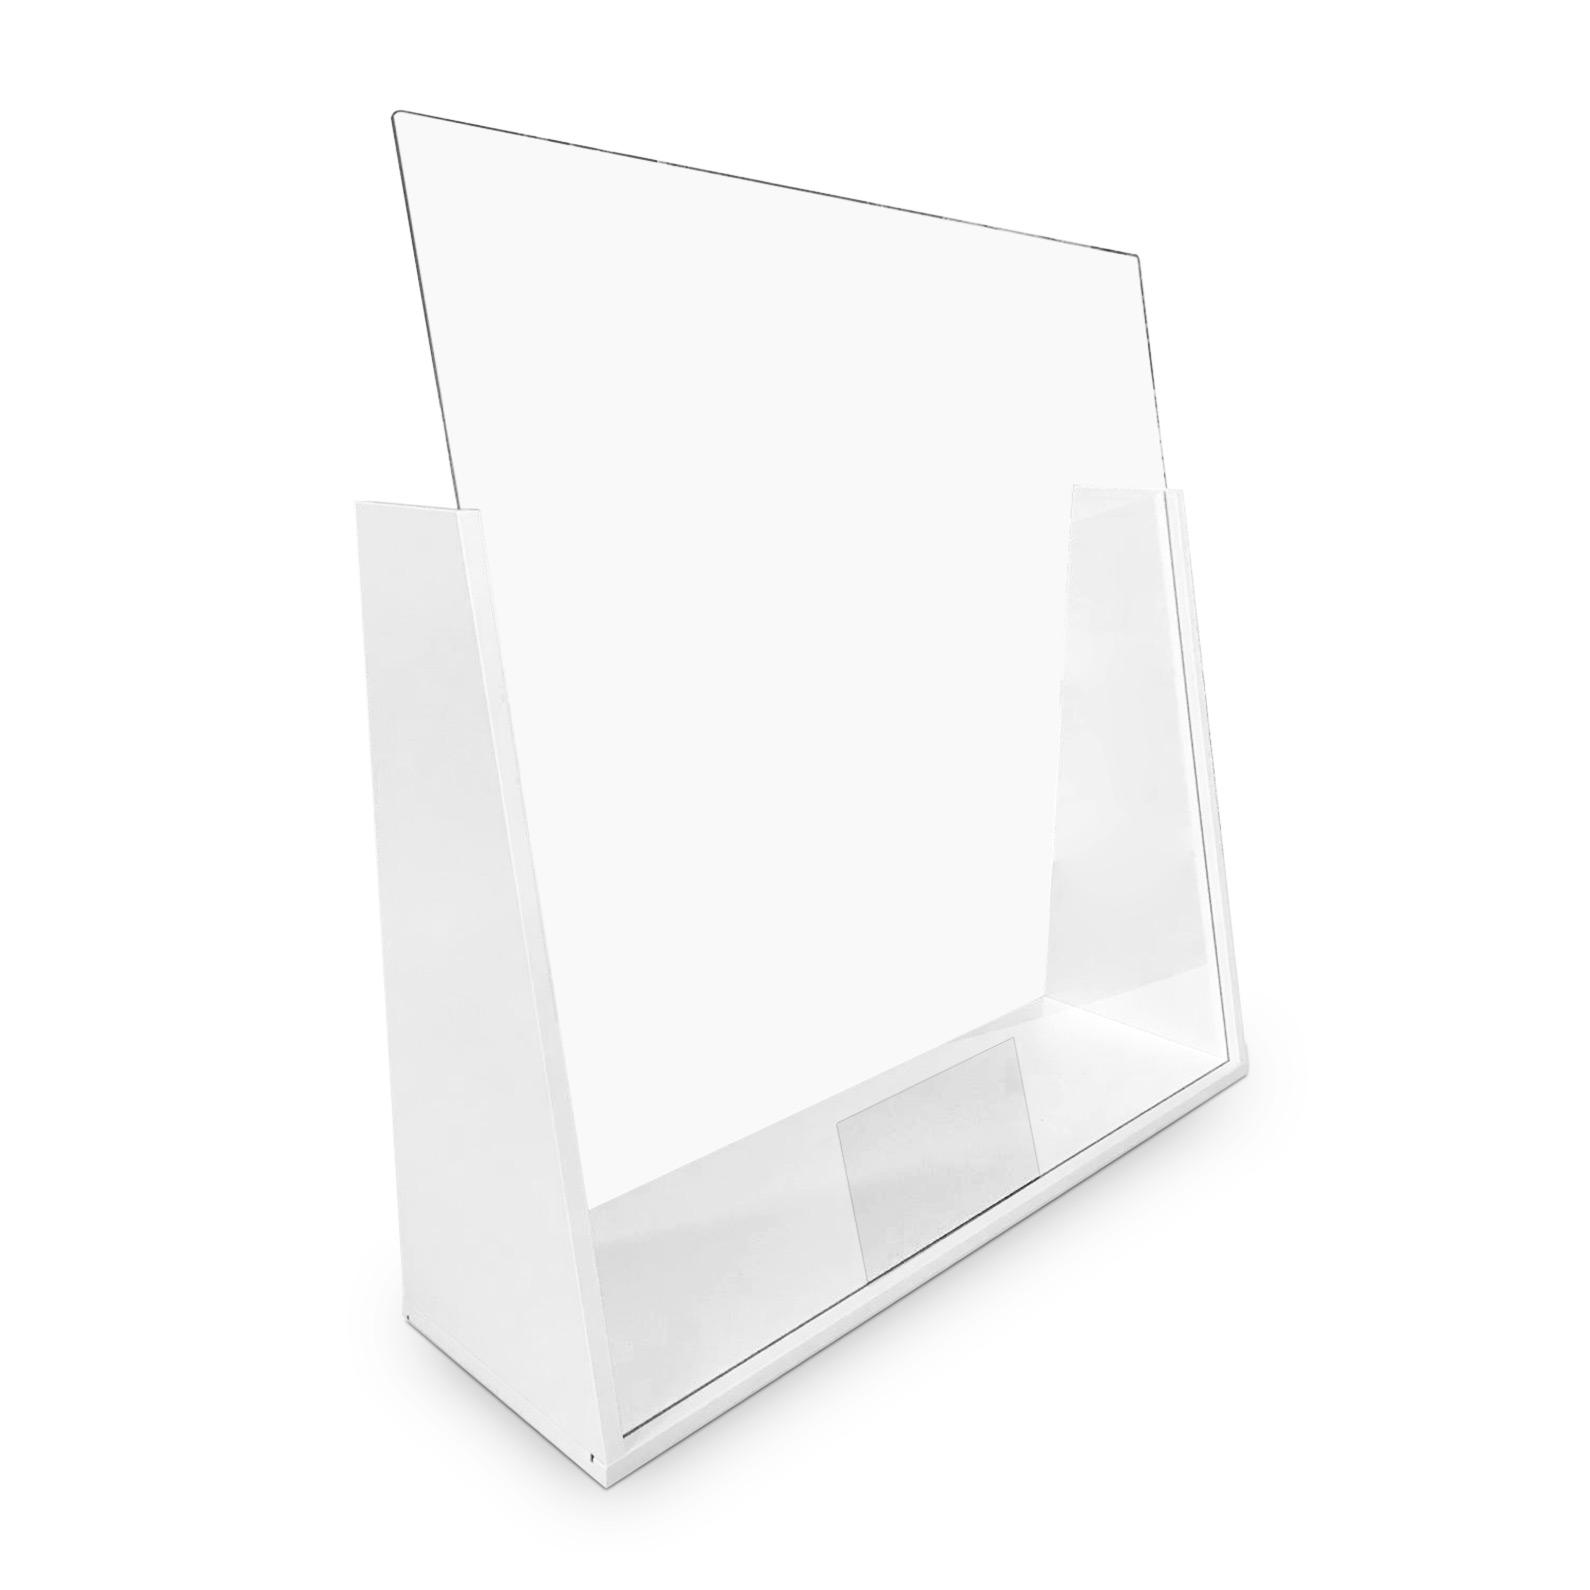 Trendiger Tischaufsteller Preisschild  aus Aluminium schwarz oder silber